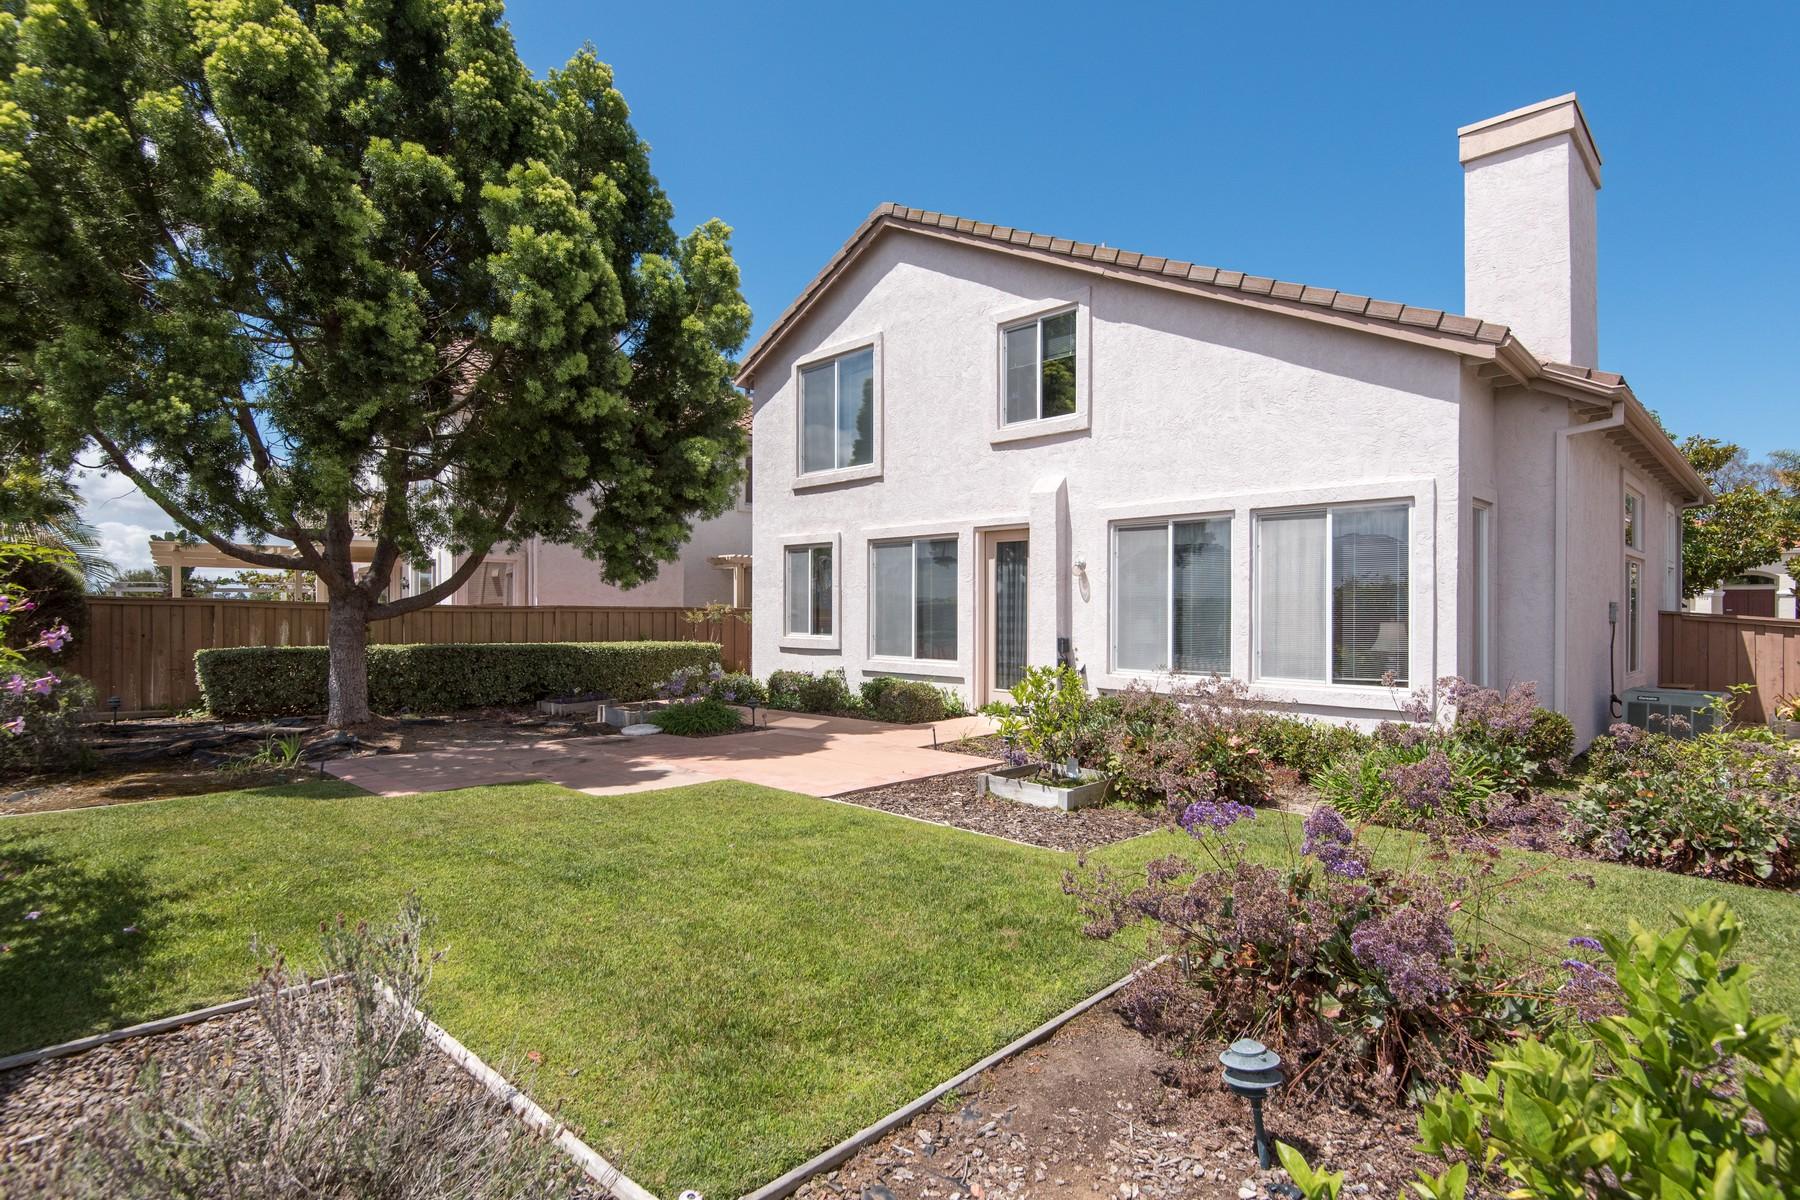 Einfamilienhaus für Verkauf beim 5963 Seacrest View Road San Diego, Kalifornien 92121 Vereinigte Staaten